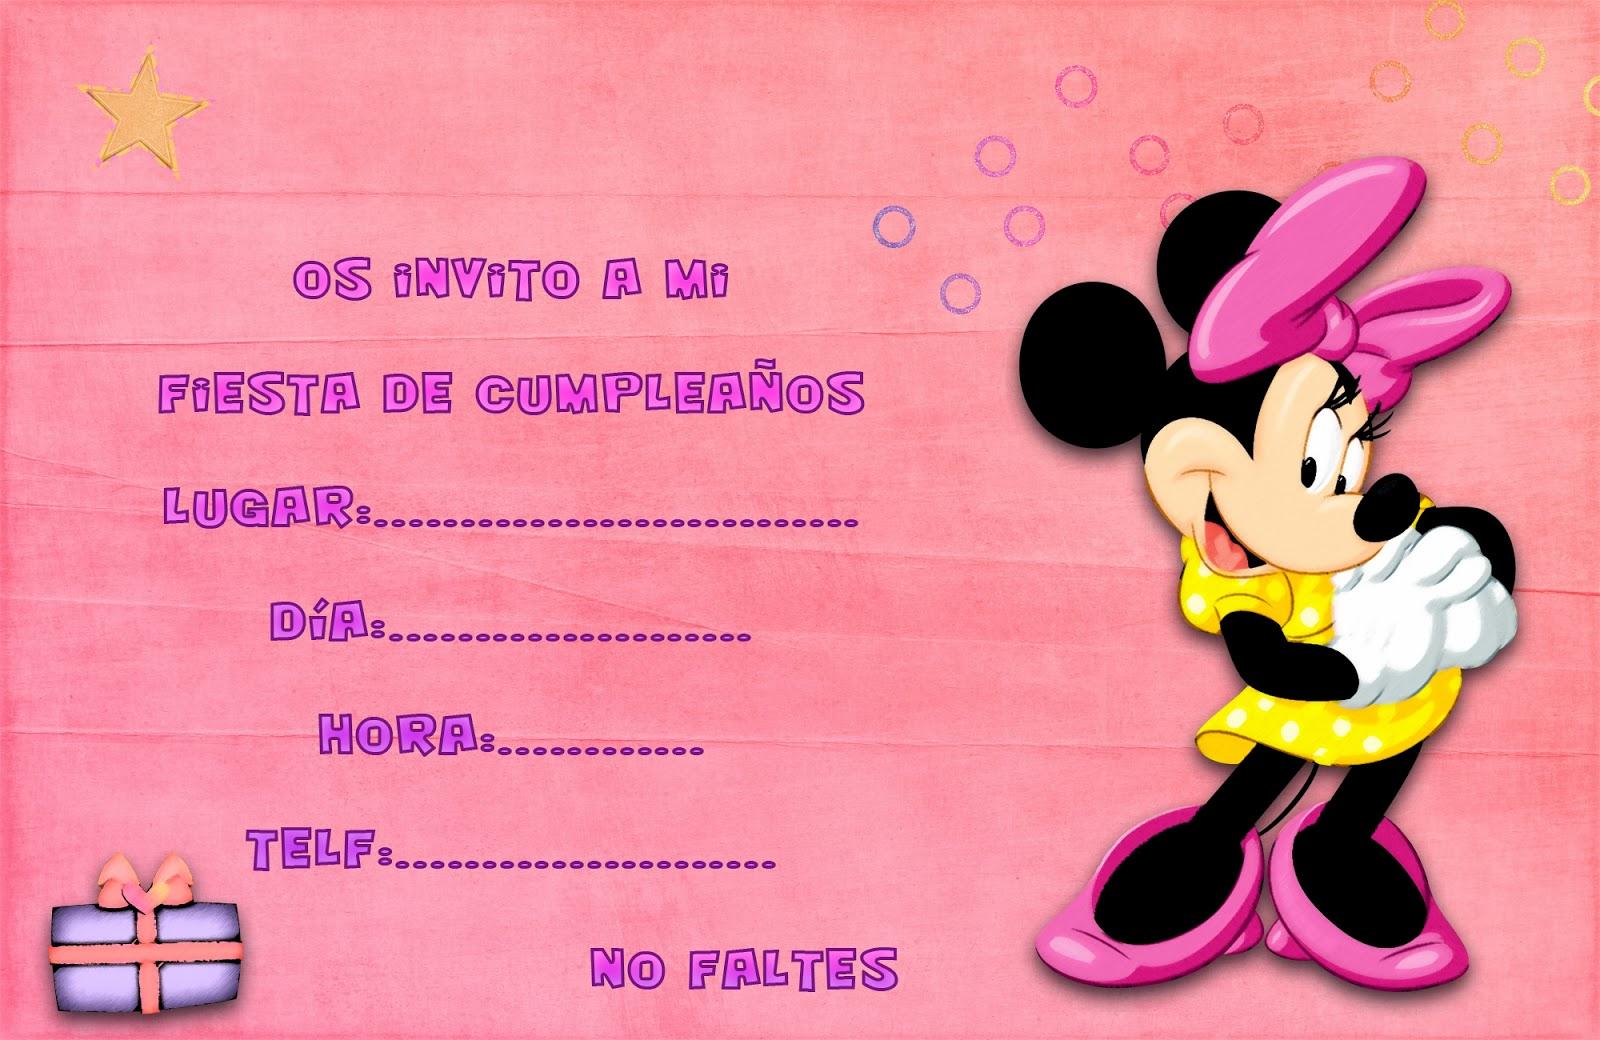 Tarjeta para invitaciones de cumpleaños Minnie | Invitaciones ...